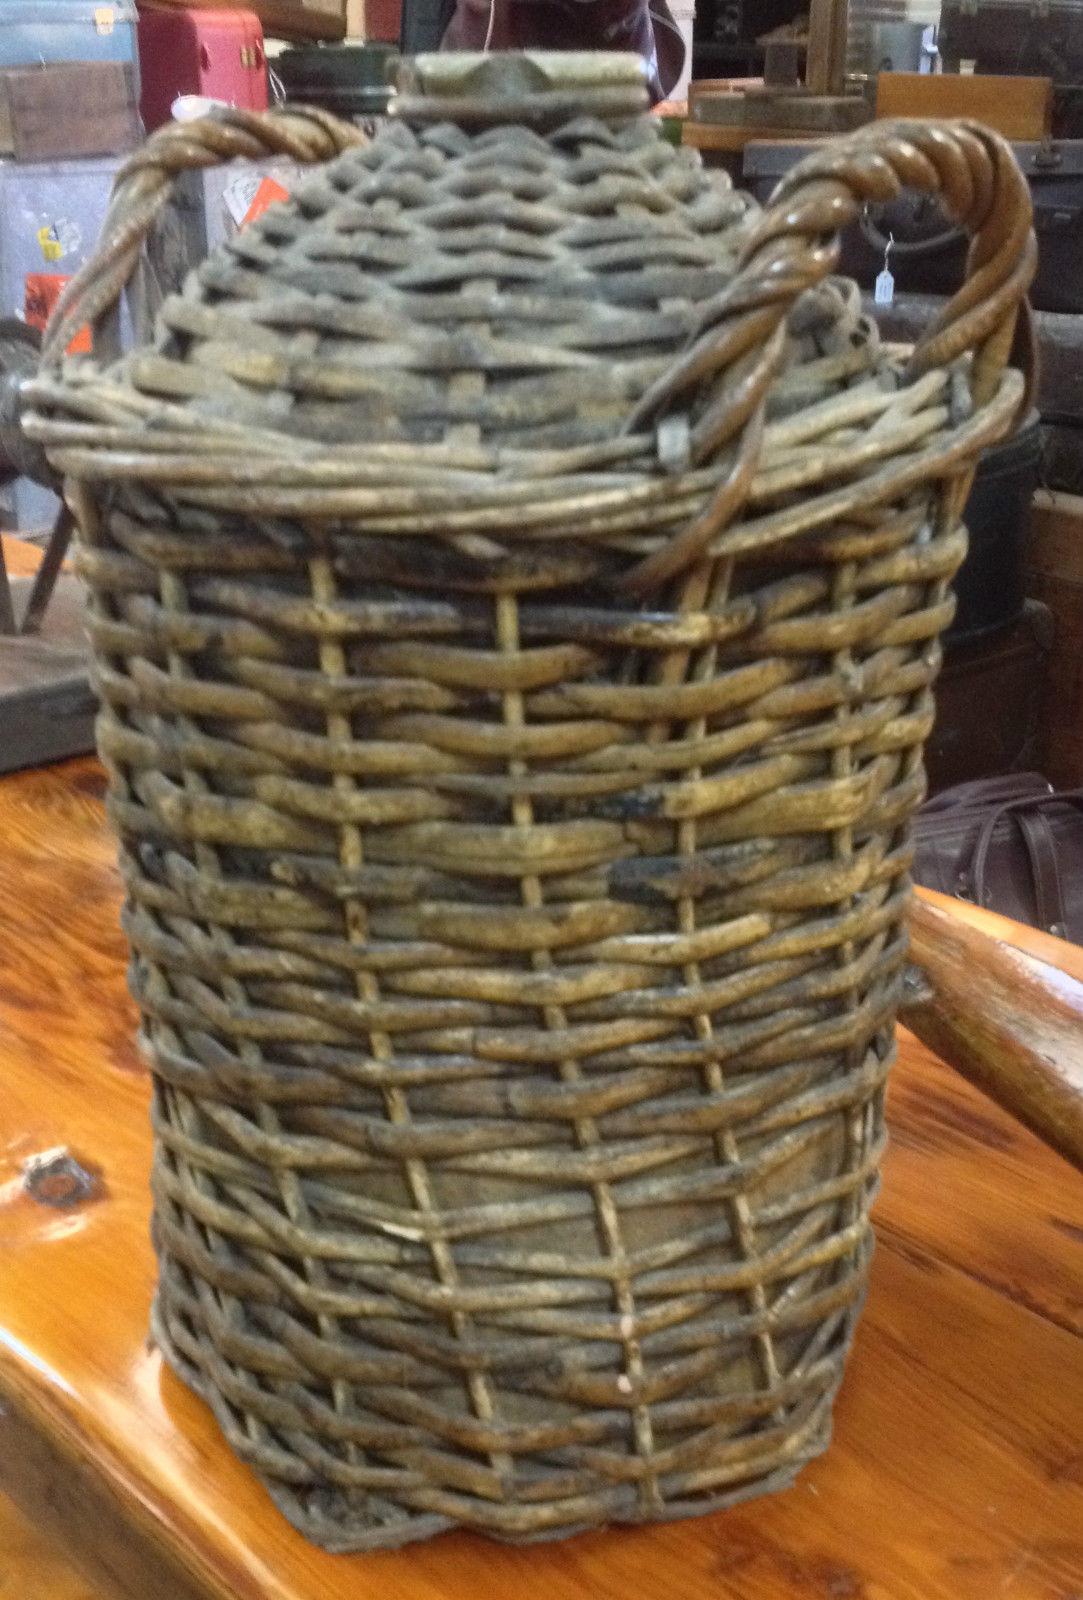 Large Vintage Antique Demijohn Jug Bottle In Wicker Cane Basker With Handles | Melbourne | Halsey Road Recyclers